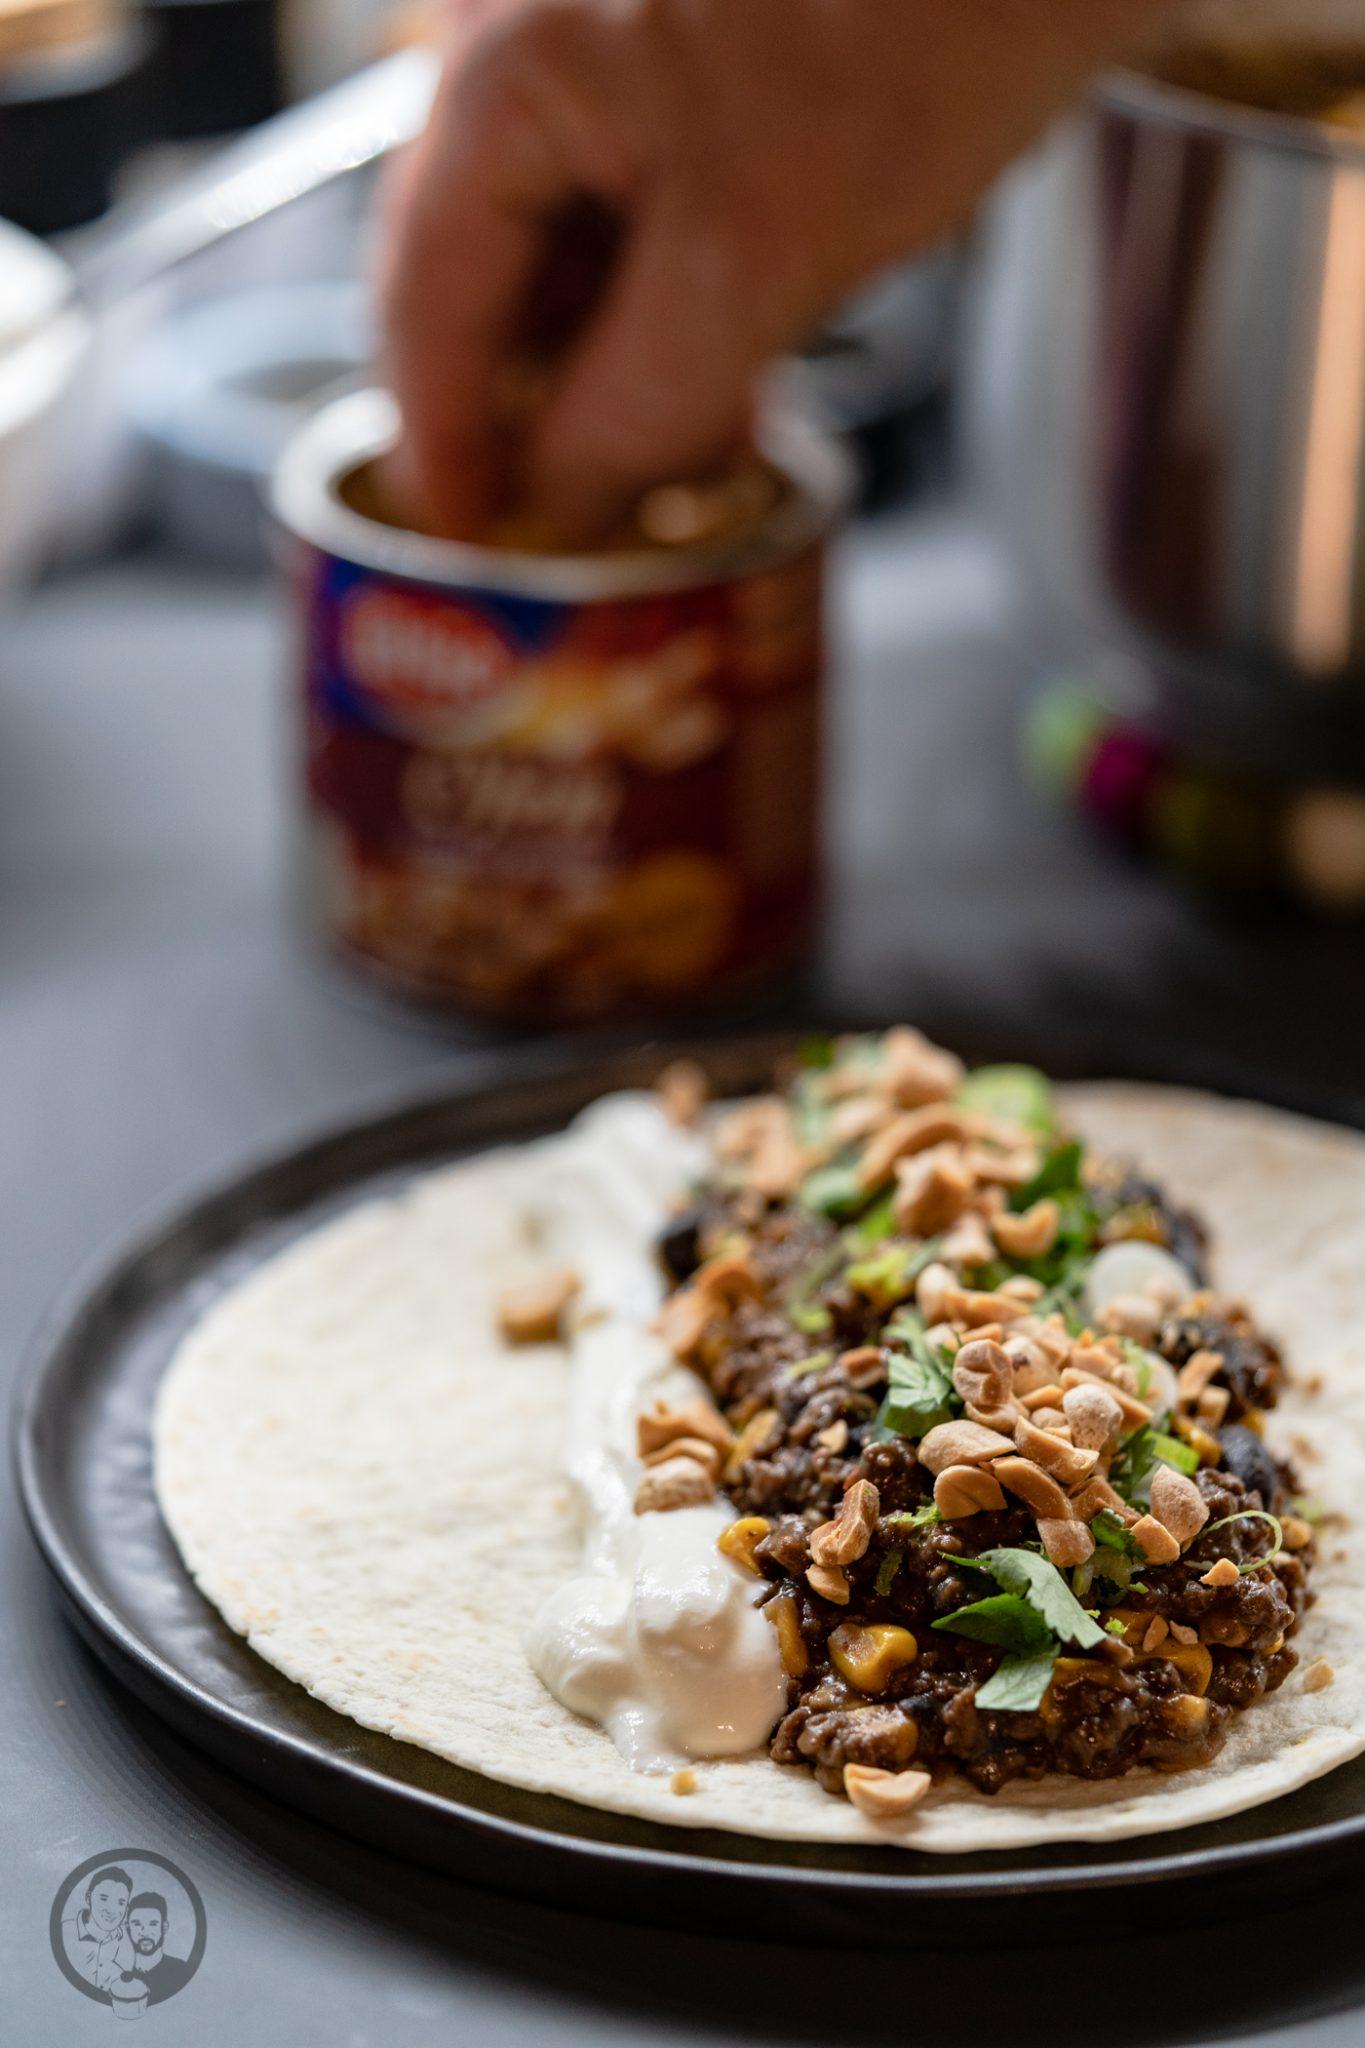 burrito %C3%BCltje 1 | Mittagessen, Partyfood oder ein Snack für zwischendurch. Das Rezept, das wir euch heute mitgebracht haben, ist sowas von vielfältig einsatzbereit, dass wir noch mehr aufzählen könnten. Burritos mit Rindfleischmole und ültje Erdnüssen ist eines dieser Rezepte, das wir aus mehreren Gründen lieben. Warum?